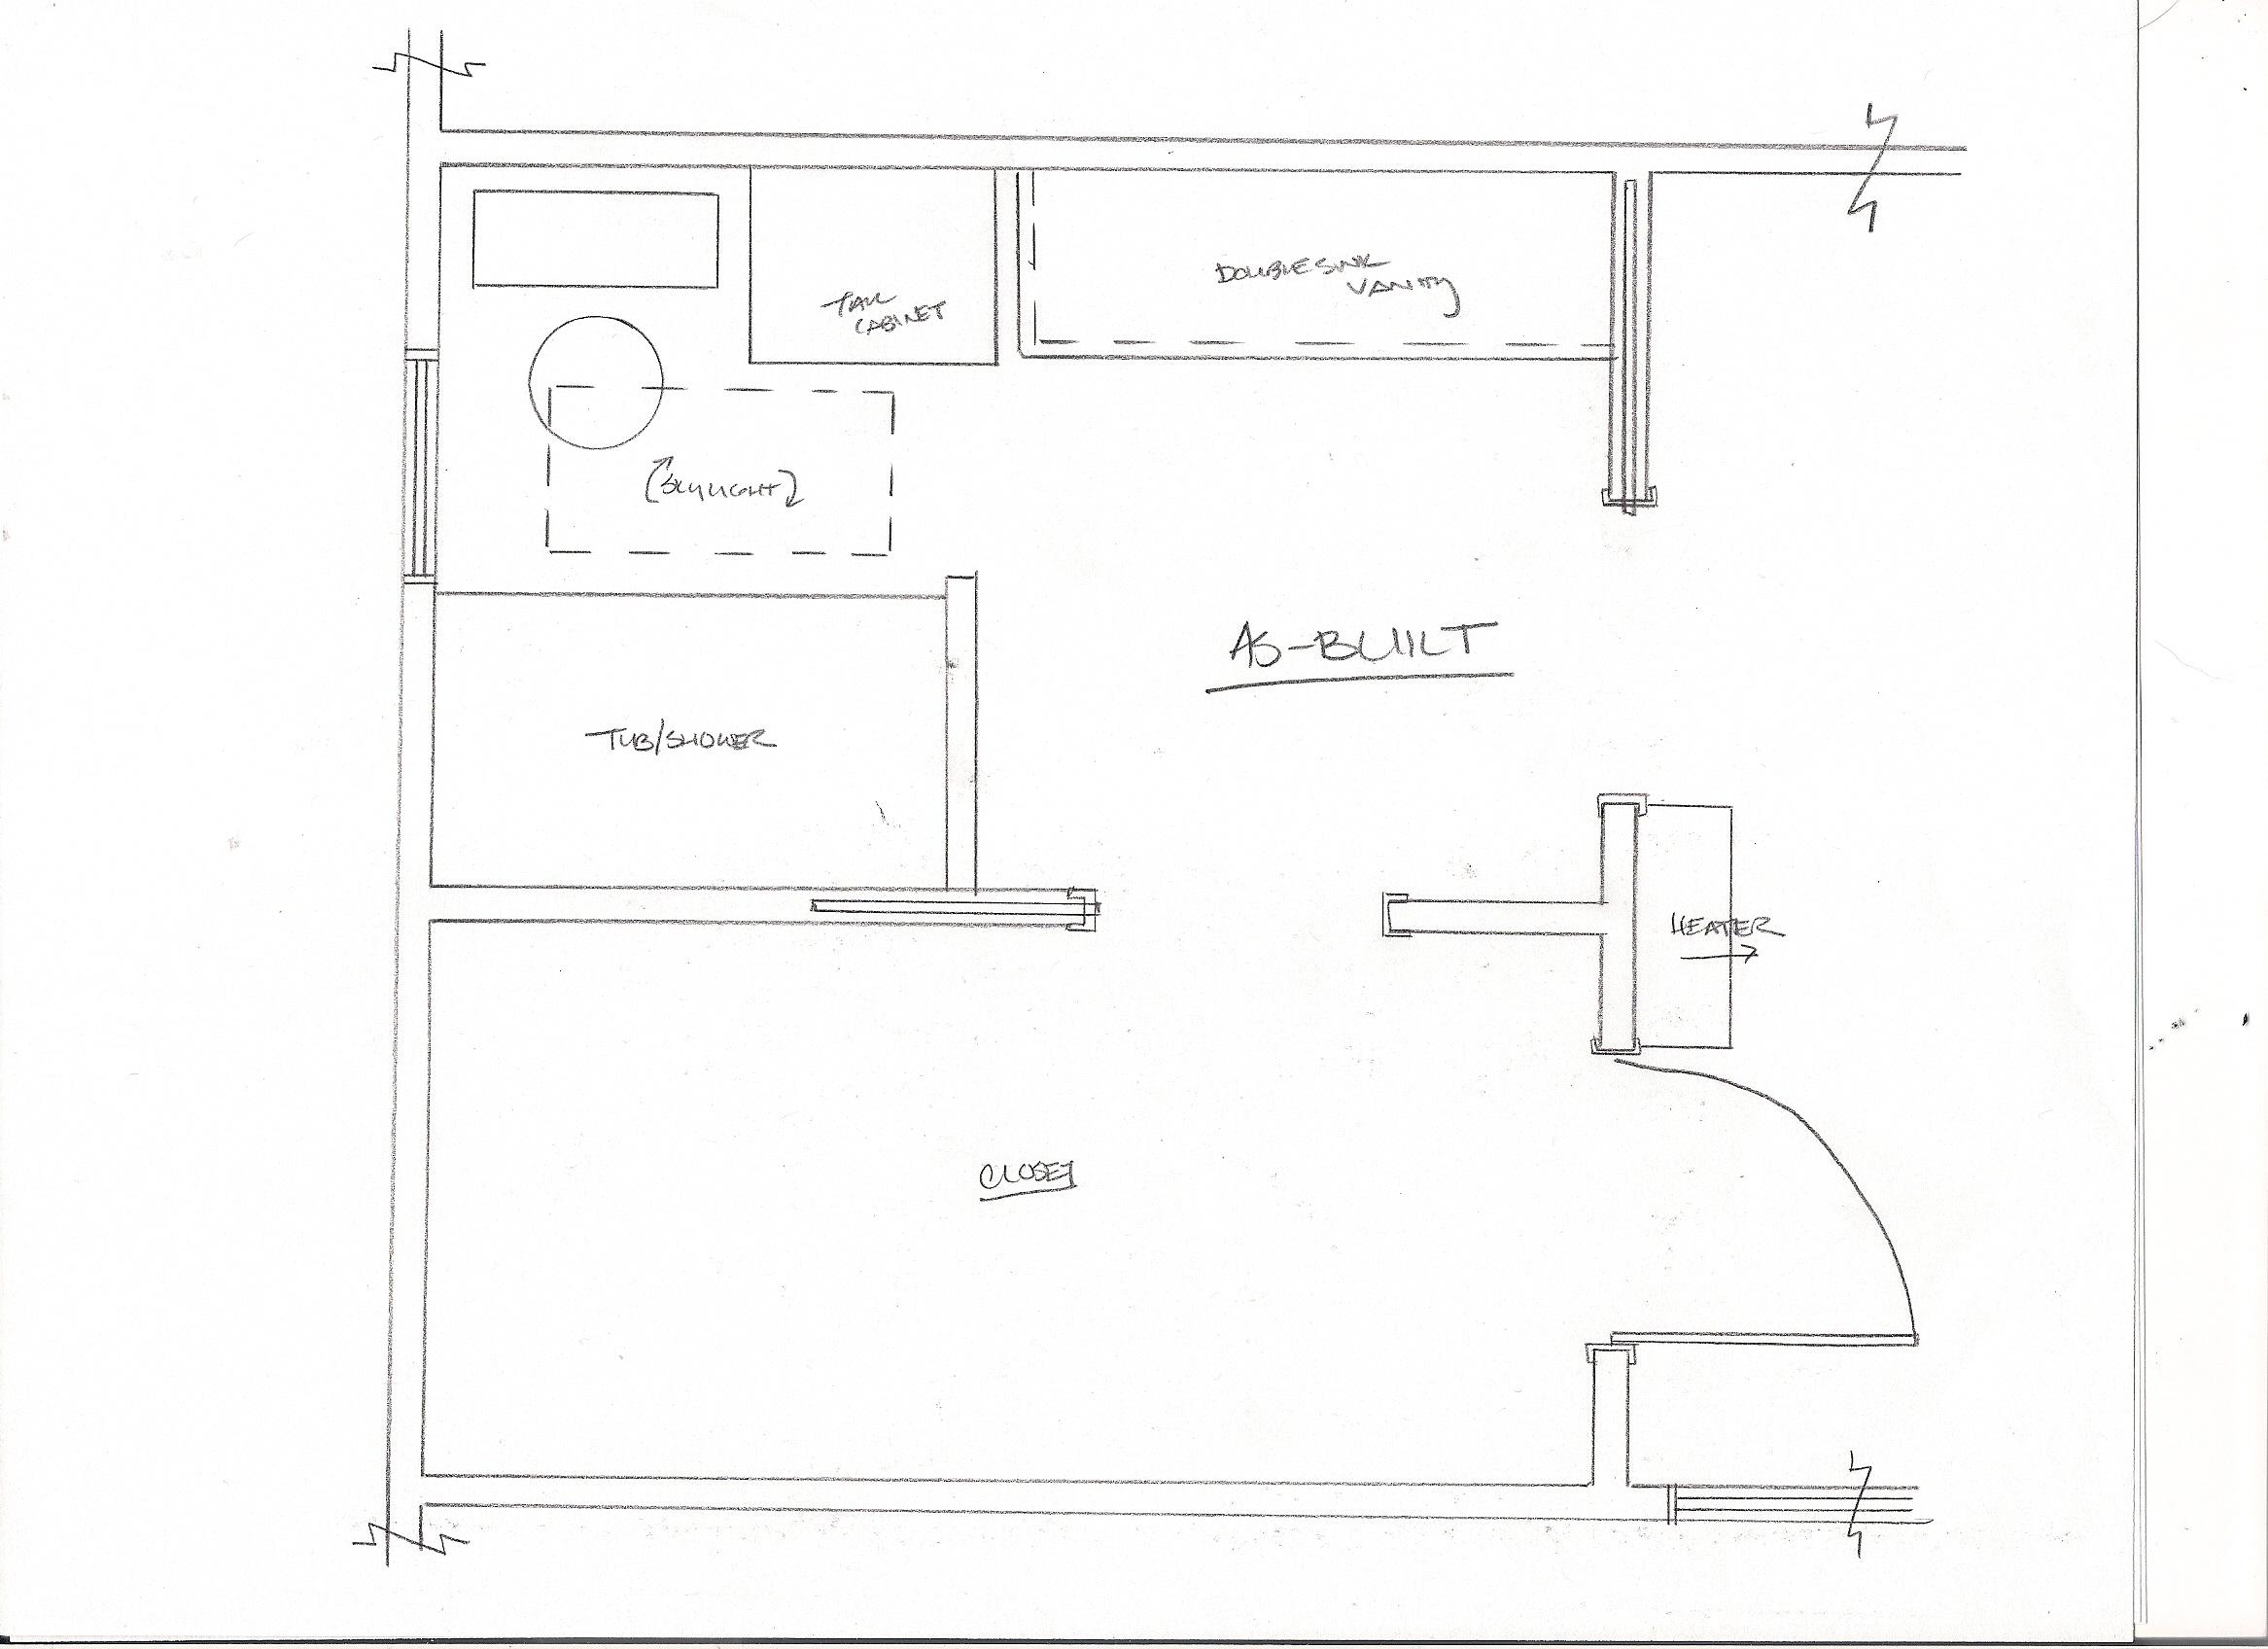 Asian Bathroom As Built